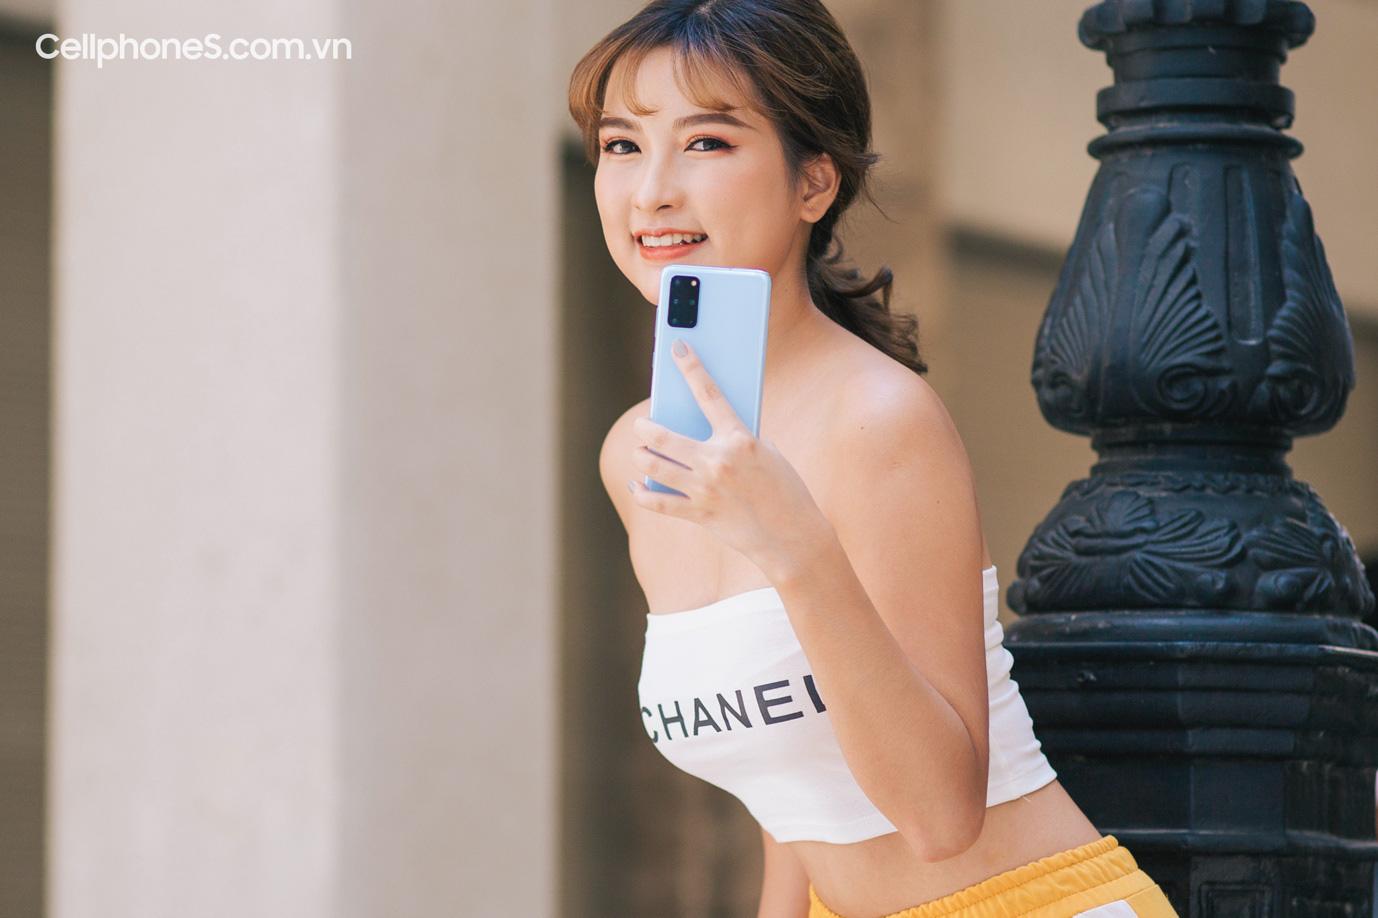 Top 4 lí do nên sở hữu Galaxy S20 Series tại CellphoneS ngay! - Ảnh 4.